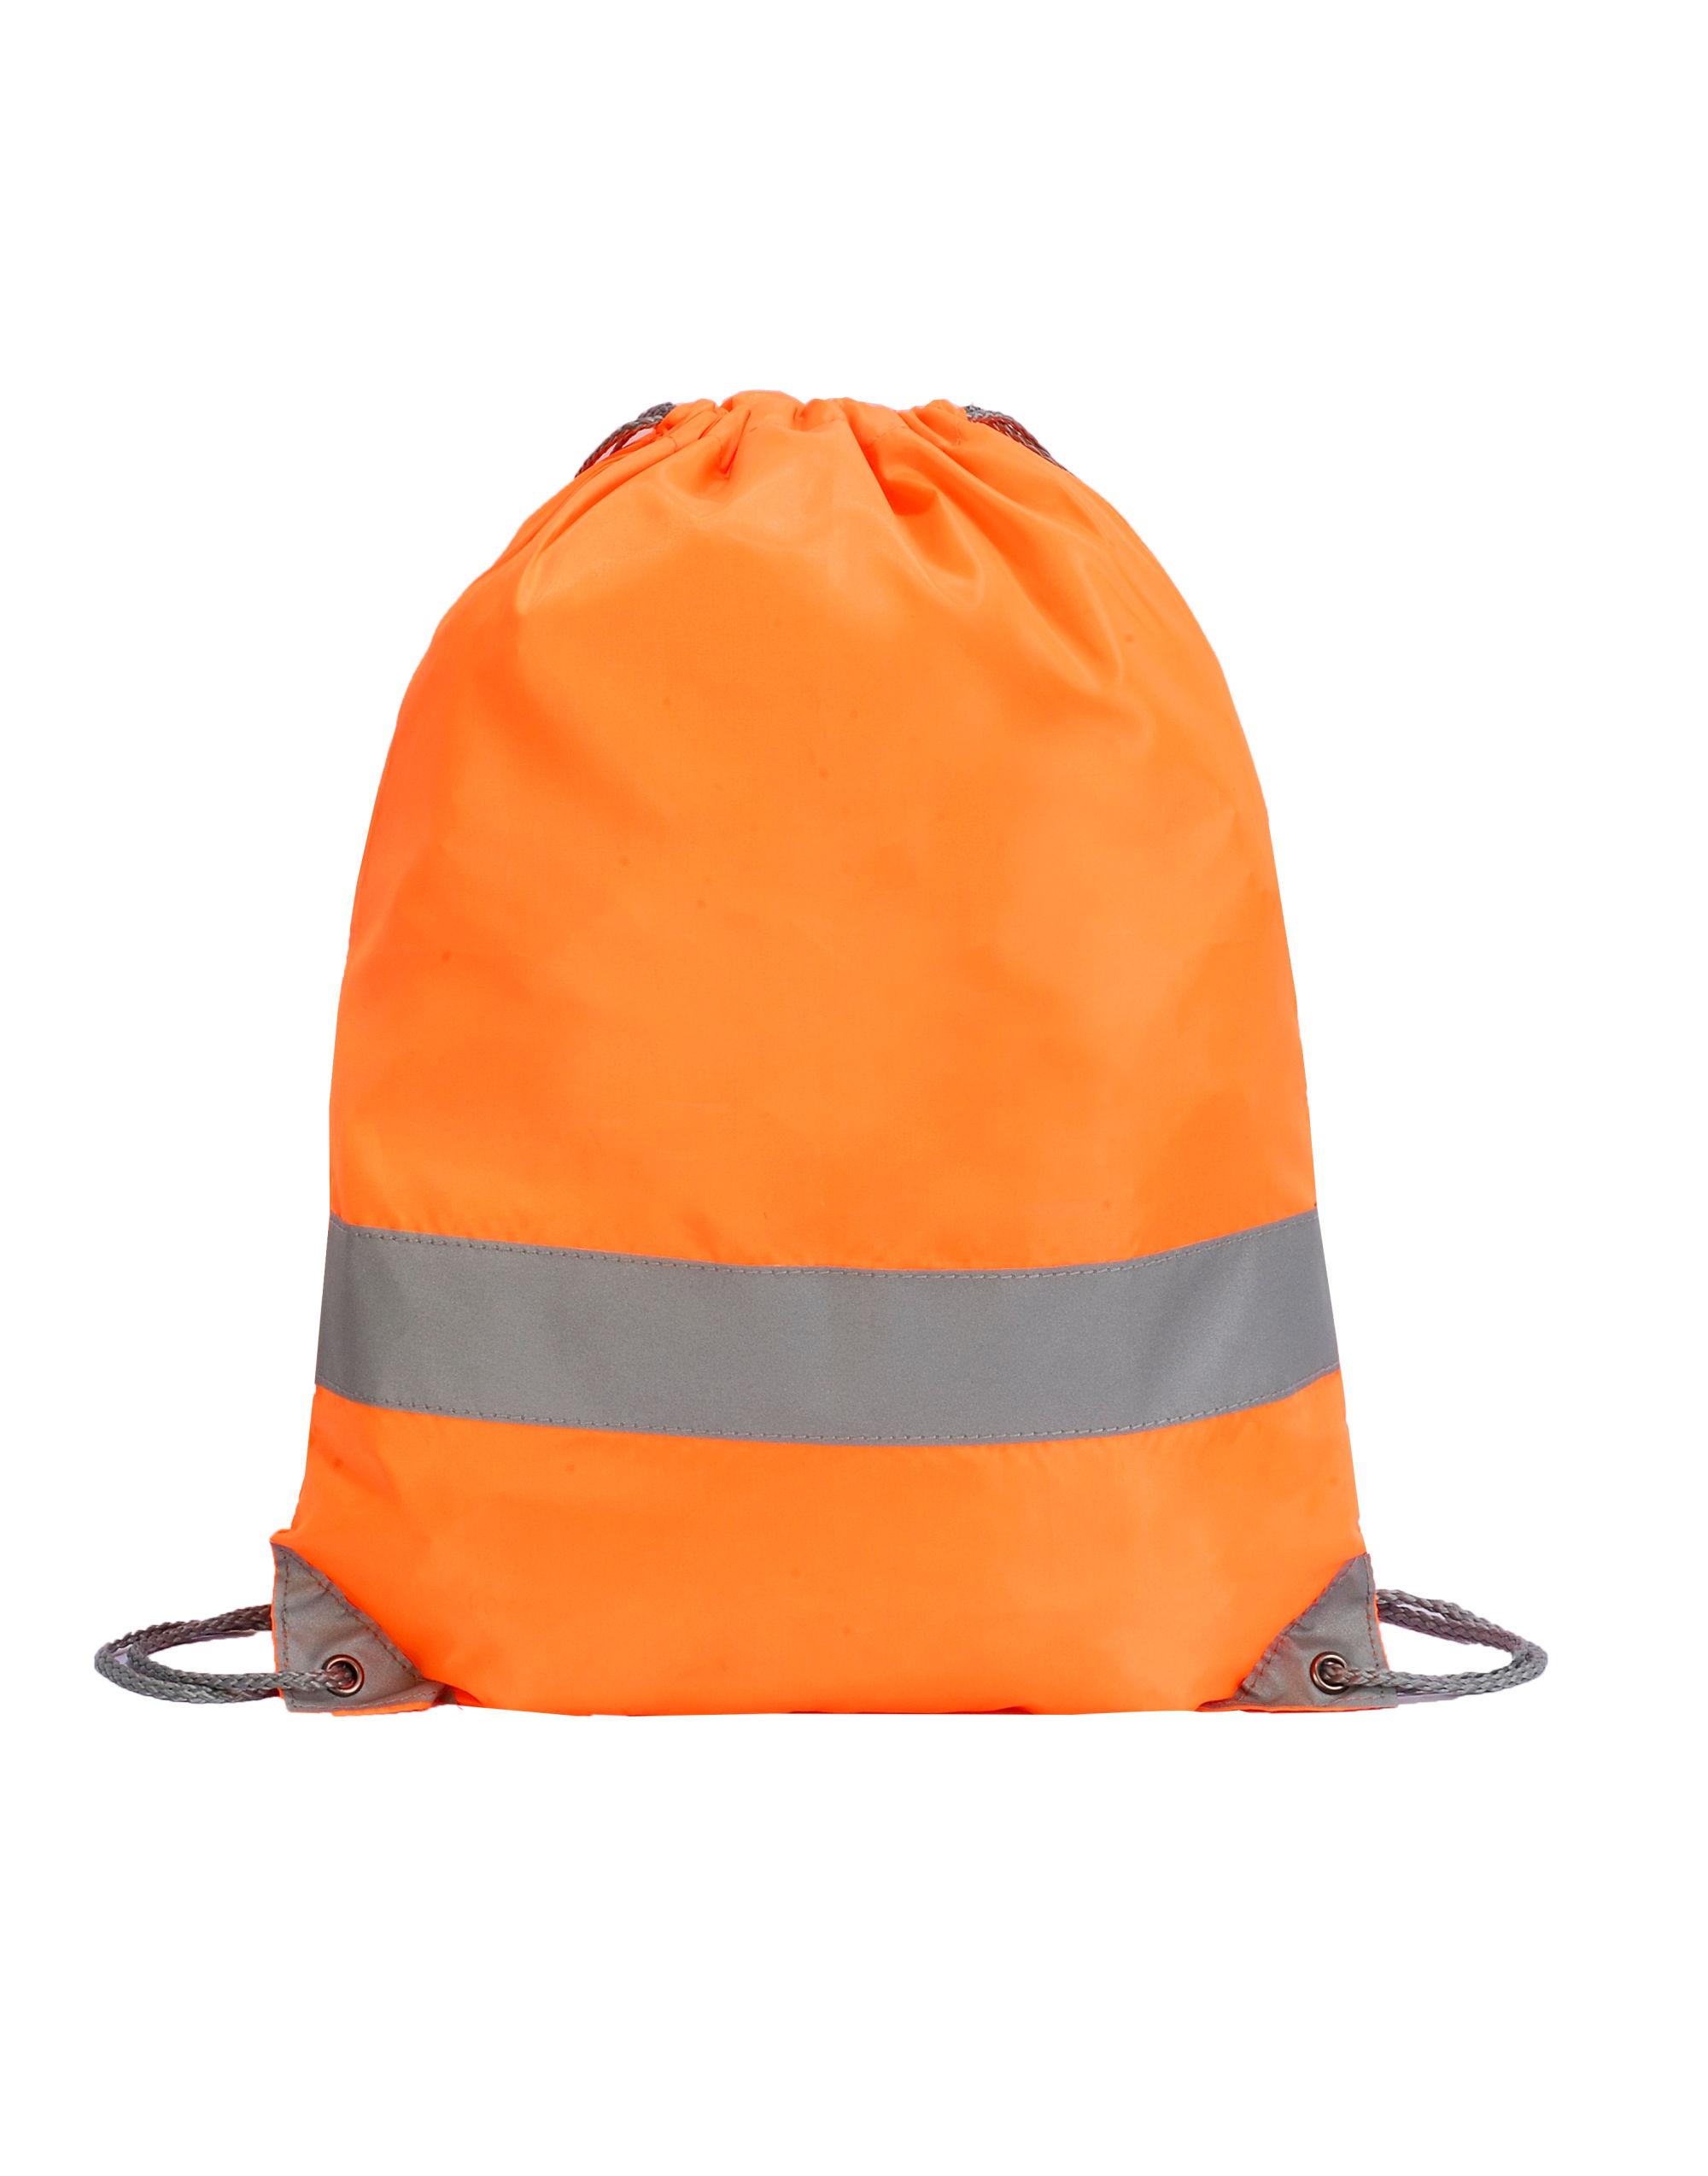 Stafford Drawstring Tote Bag SH5892